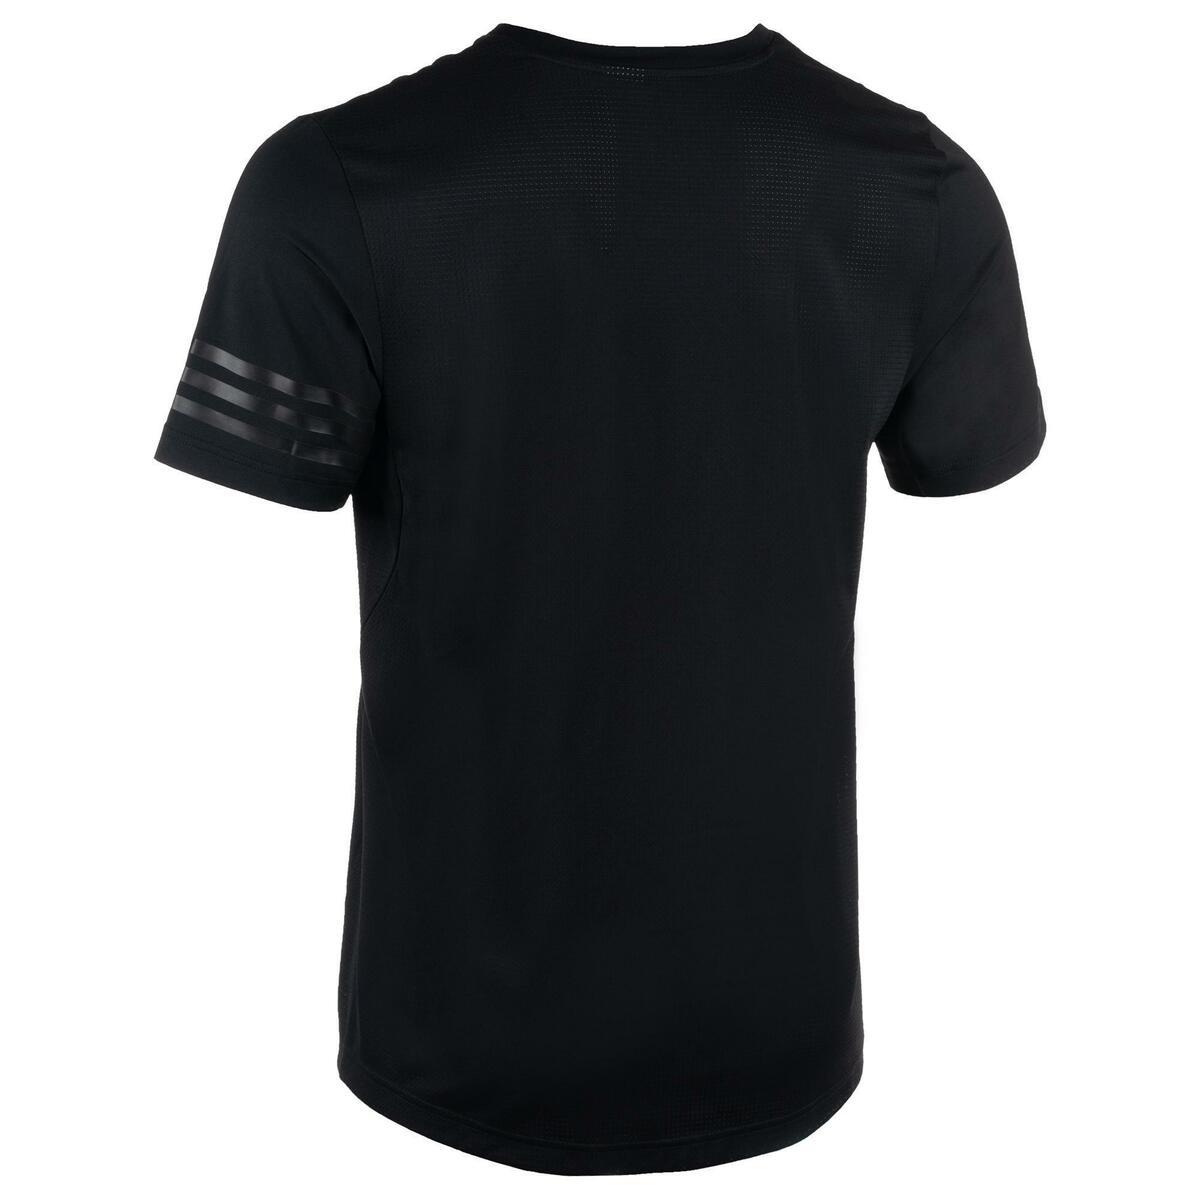 Bild 2 von T-Shirt Fitness Cardio Herren schwarz